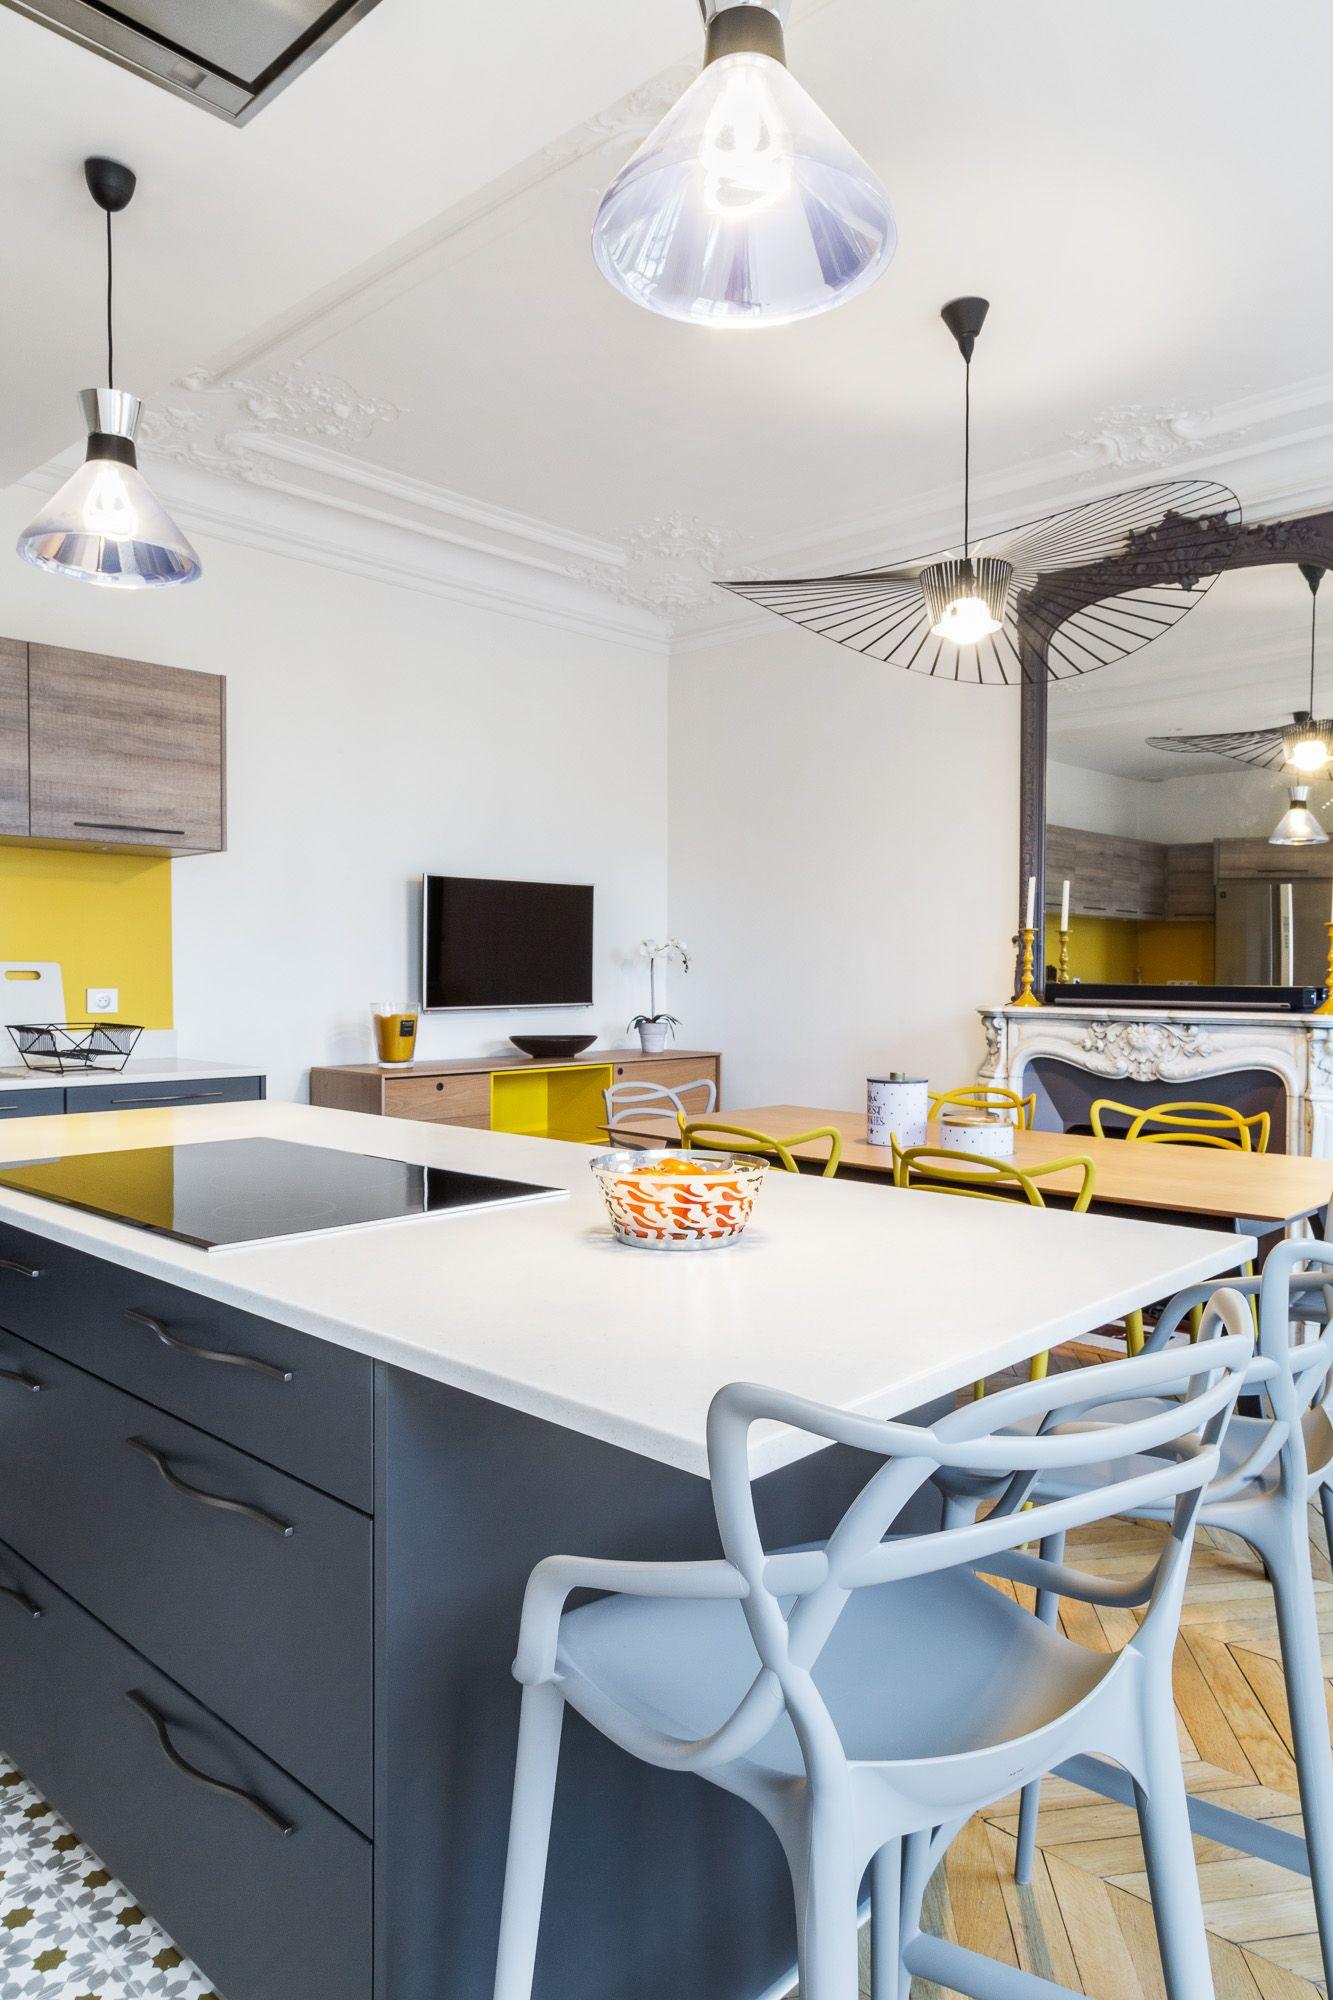 Cuisine graphique jaune et grise - appartement haussmannien